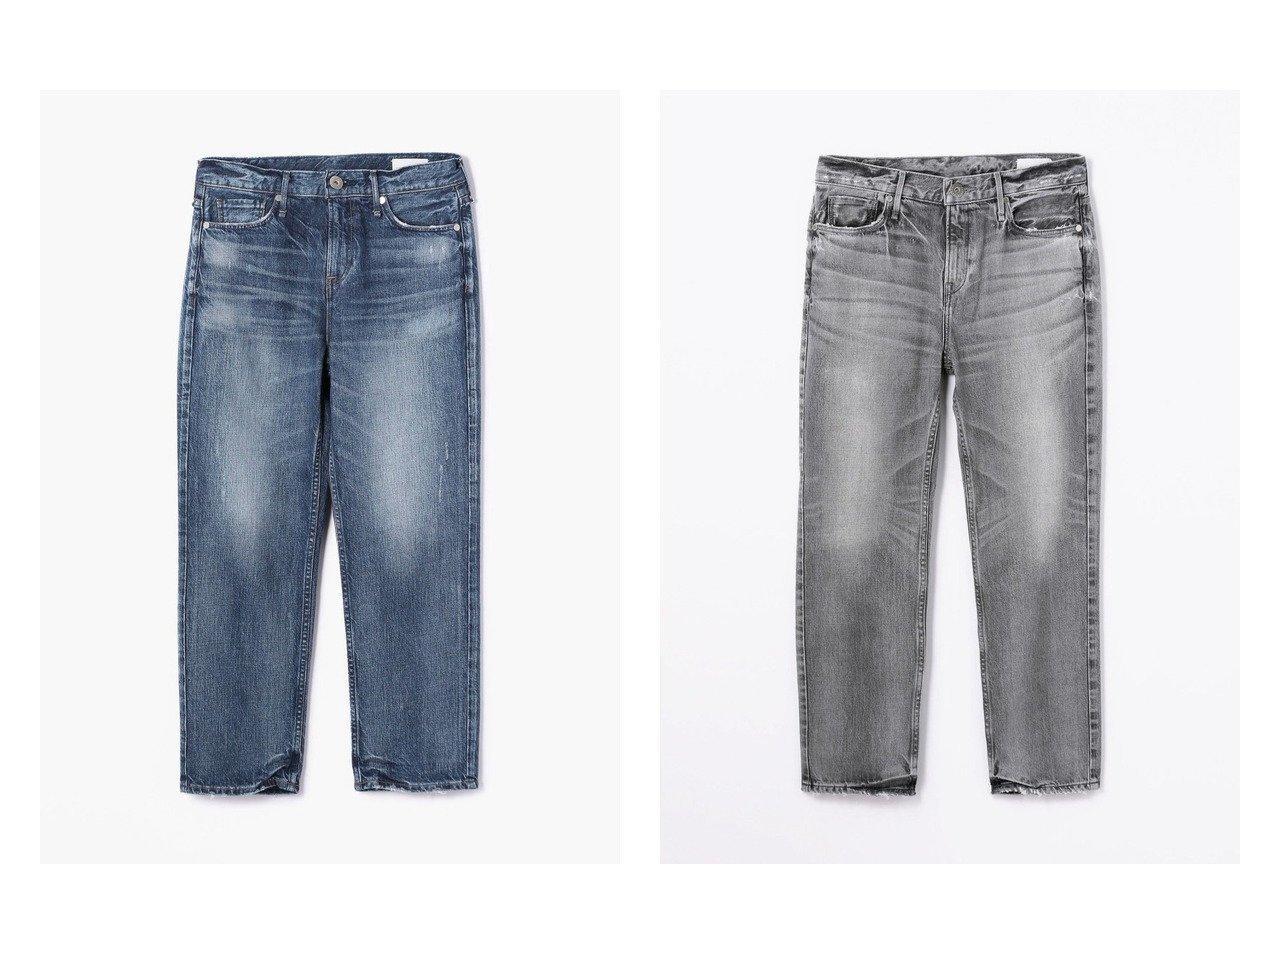 【TOMORROWLAND BUYING WEAR/トゥモローランド バイイング ウェア】のupper hights THE HERS デニムパンツ パンツのおすすめ!人気、トレンド・レディースファッションの通販 おすすめで人気の流行・トレンド、ファッションの通販商品 メンズファッション・キッズファッション・インテリア・家具・レディースファッション・服の通販 founy(ファニー) https://founy.com/ ファッション Fashion レディースファッション WOMEN パンツ Pants デニムパンツ Denim Pants シンプル ジーンズ スタイリッシュ デニム バランス フィット 雑誌 |ID:crp329100000014656